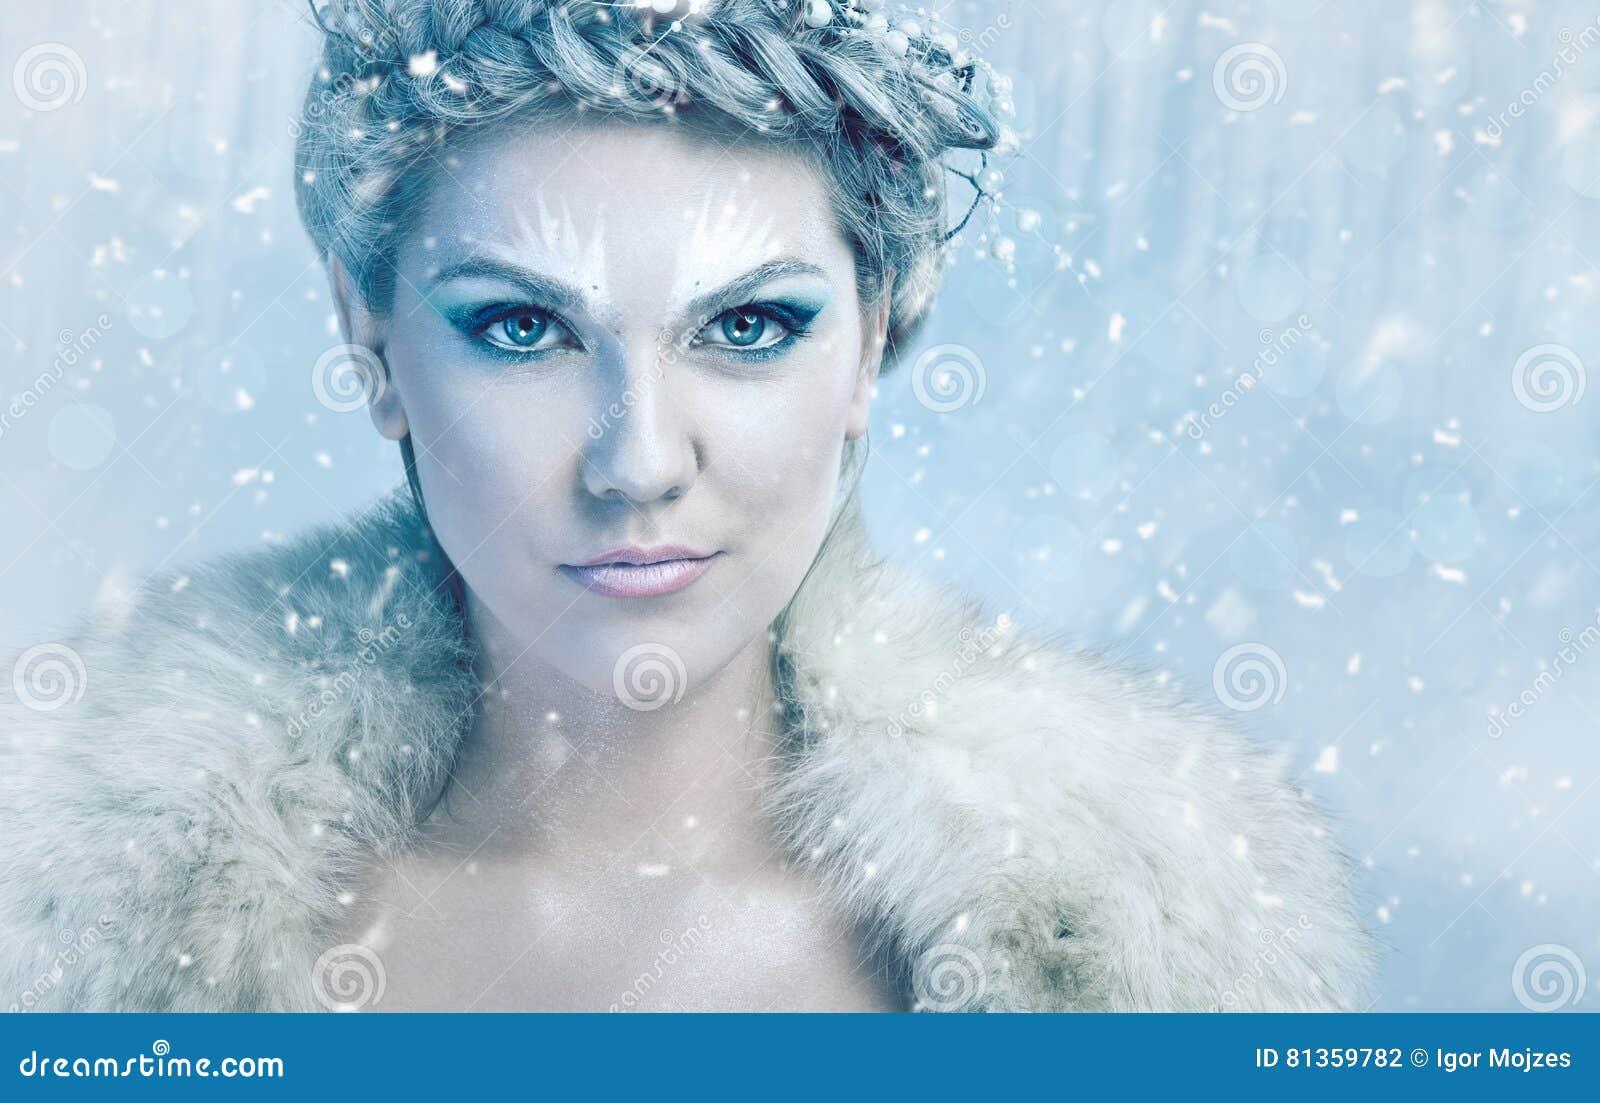 όμορφη βασίλισσα πάγου